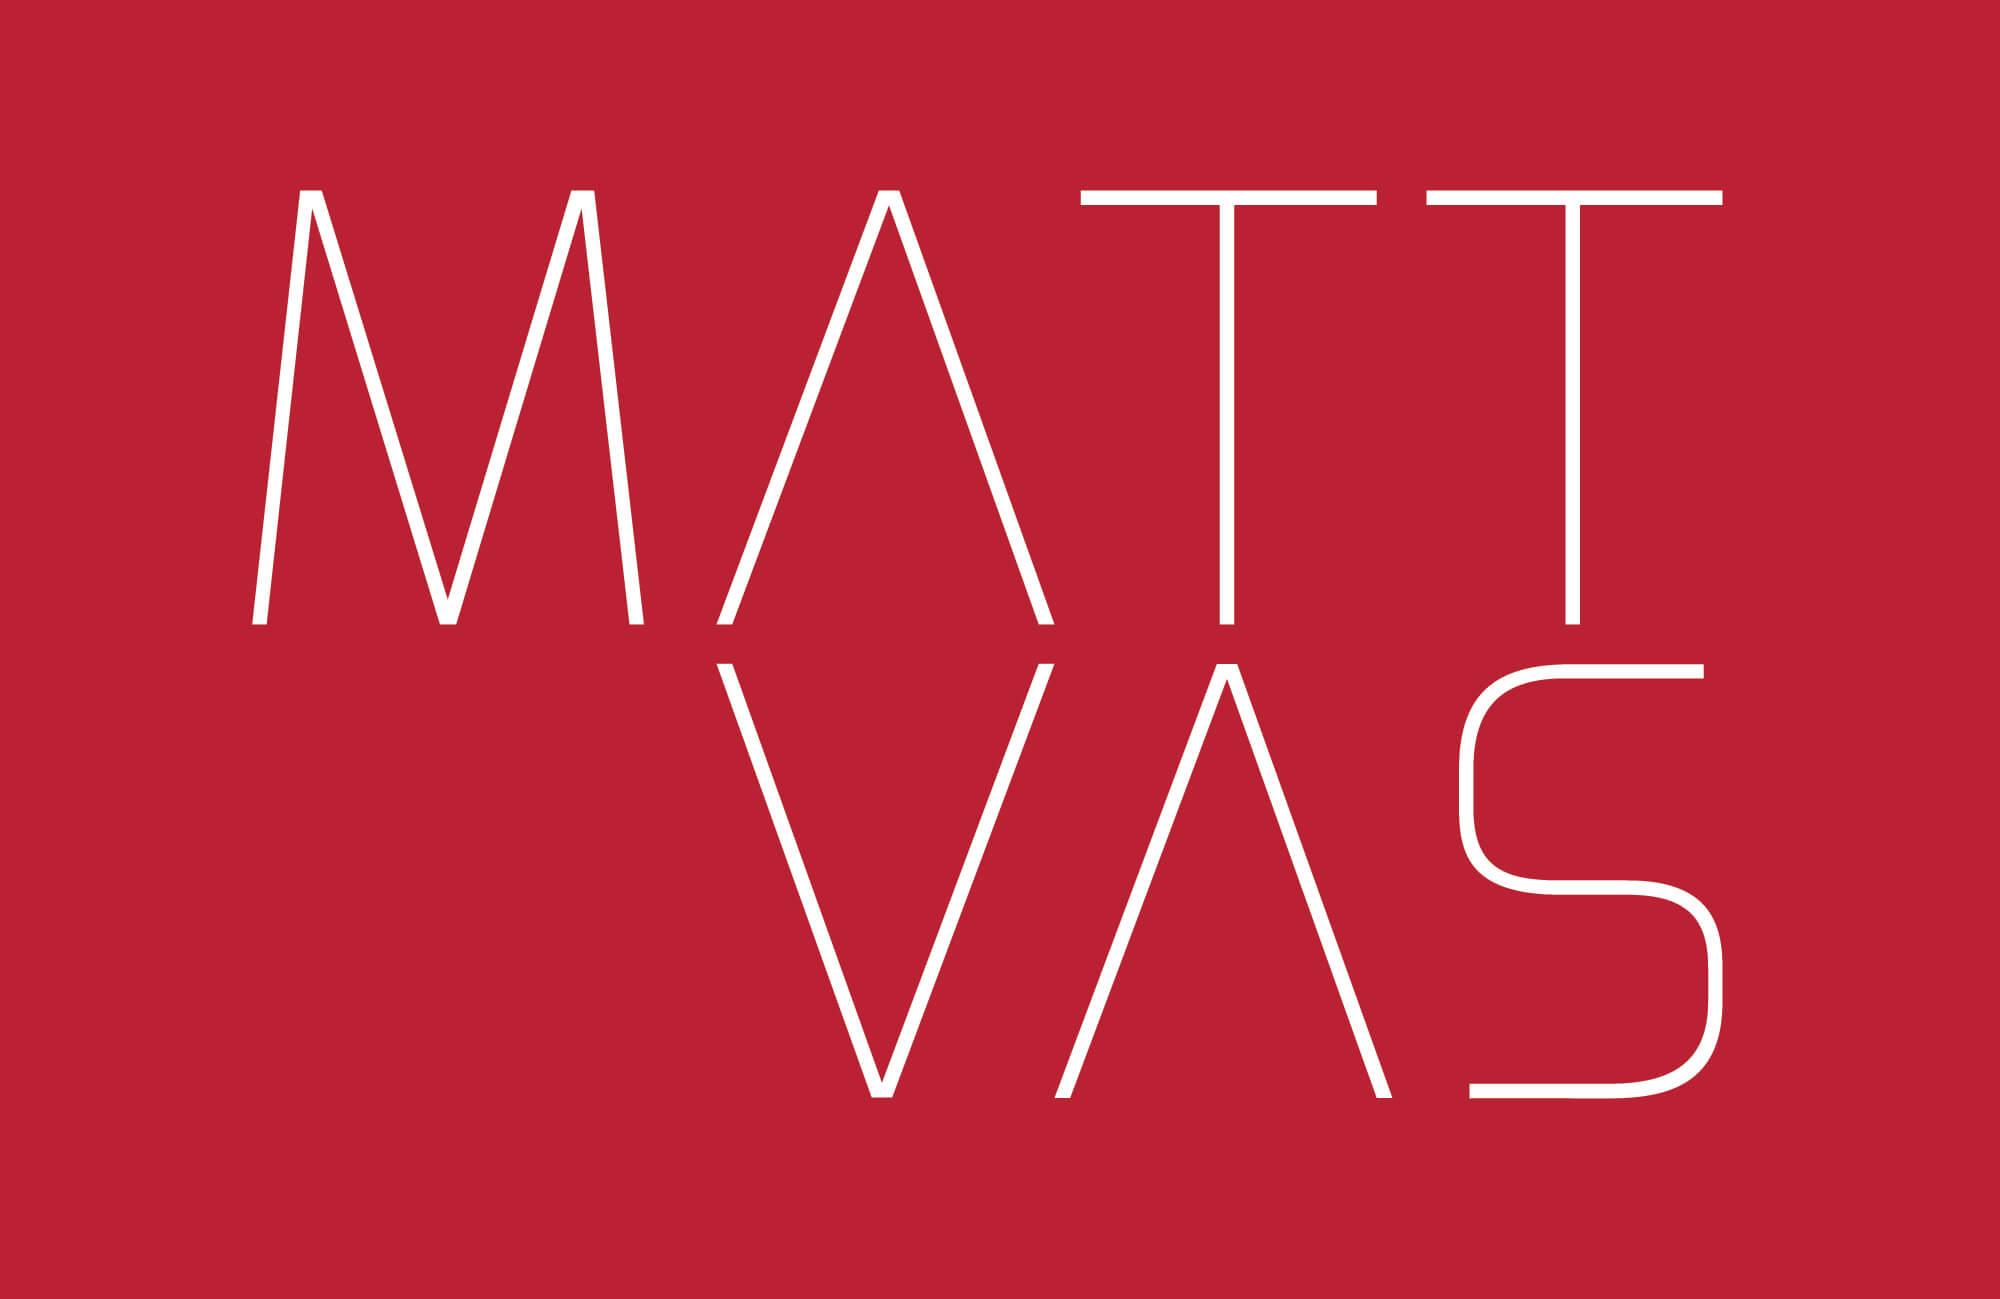 Matt Vas Photography